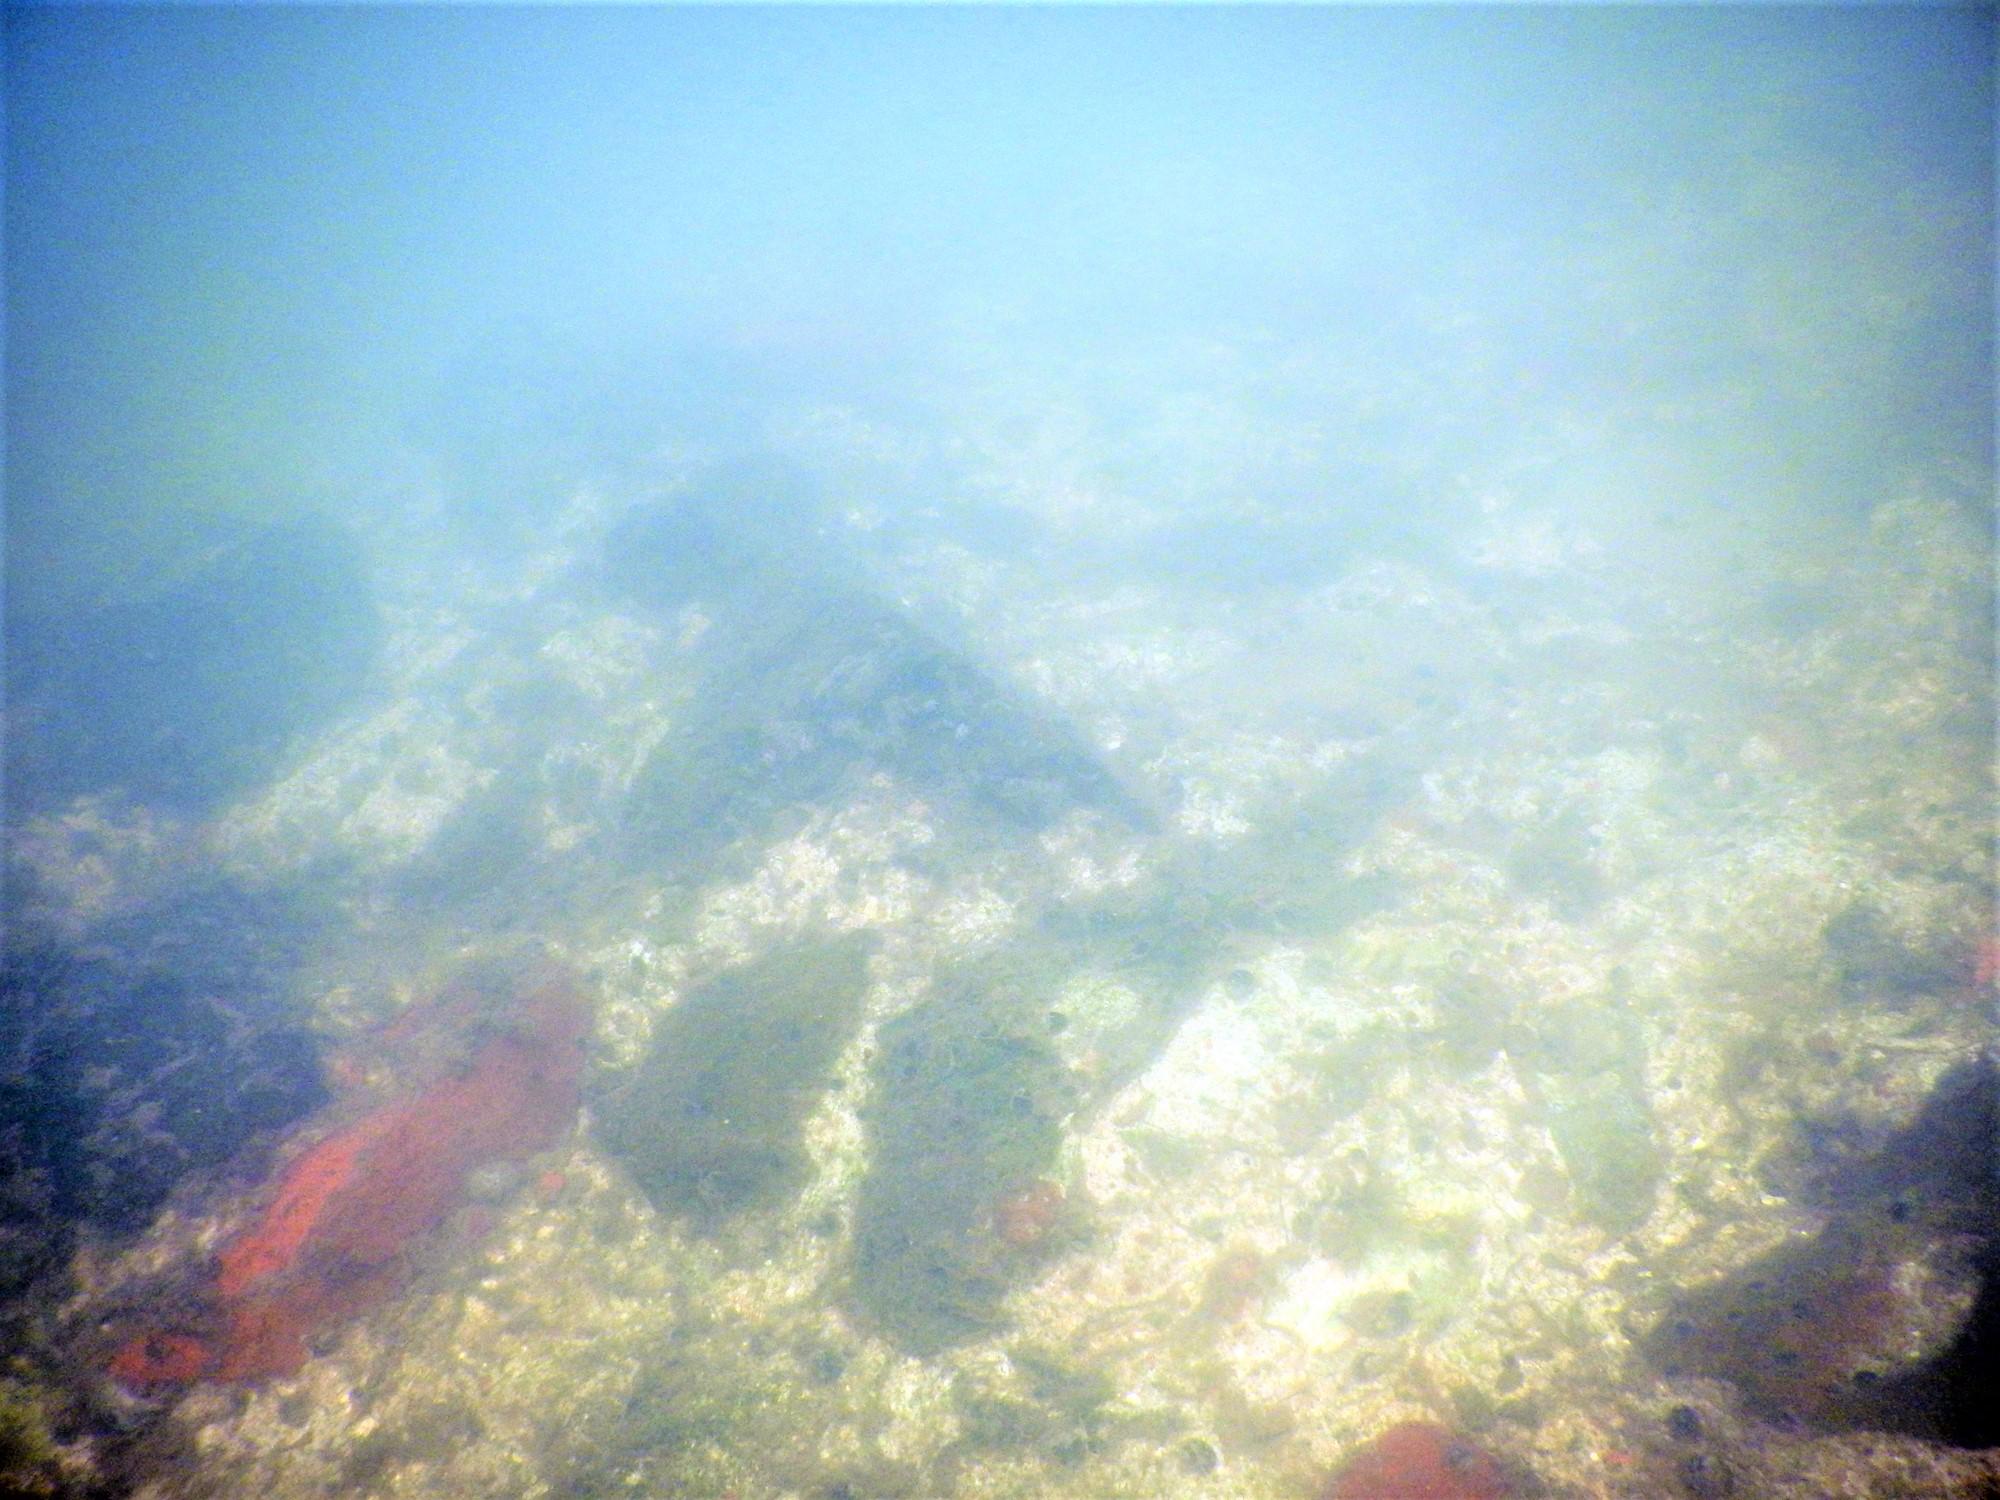 Podvodni snimak lica zida tvrđave